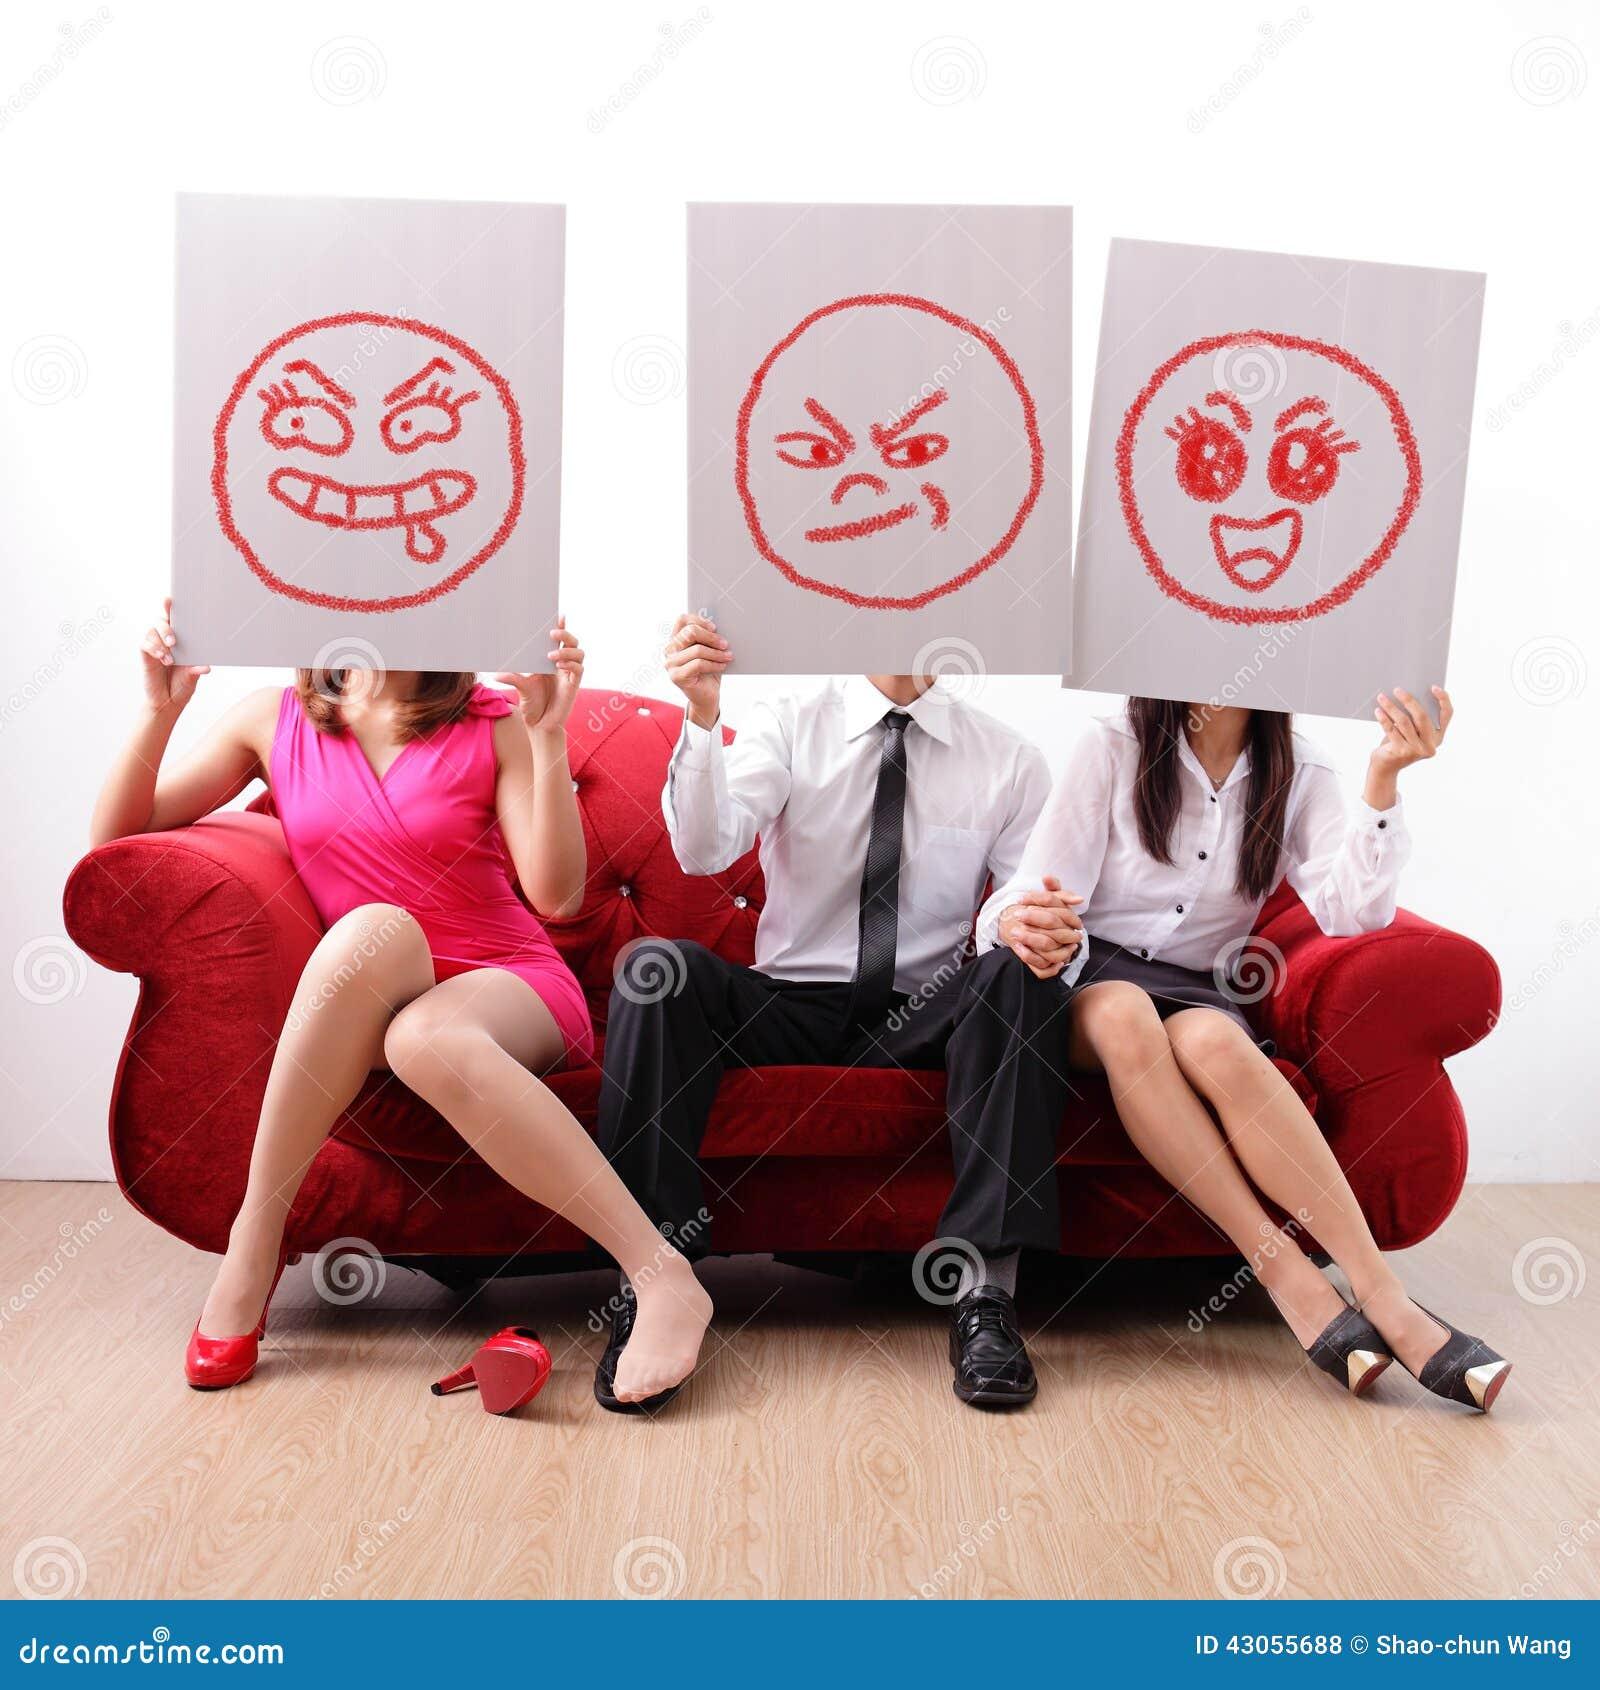 Extramarital affair and marital infidelity